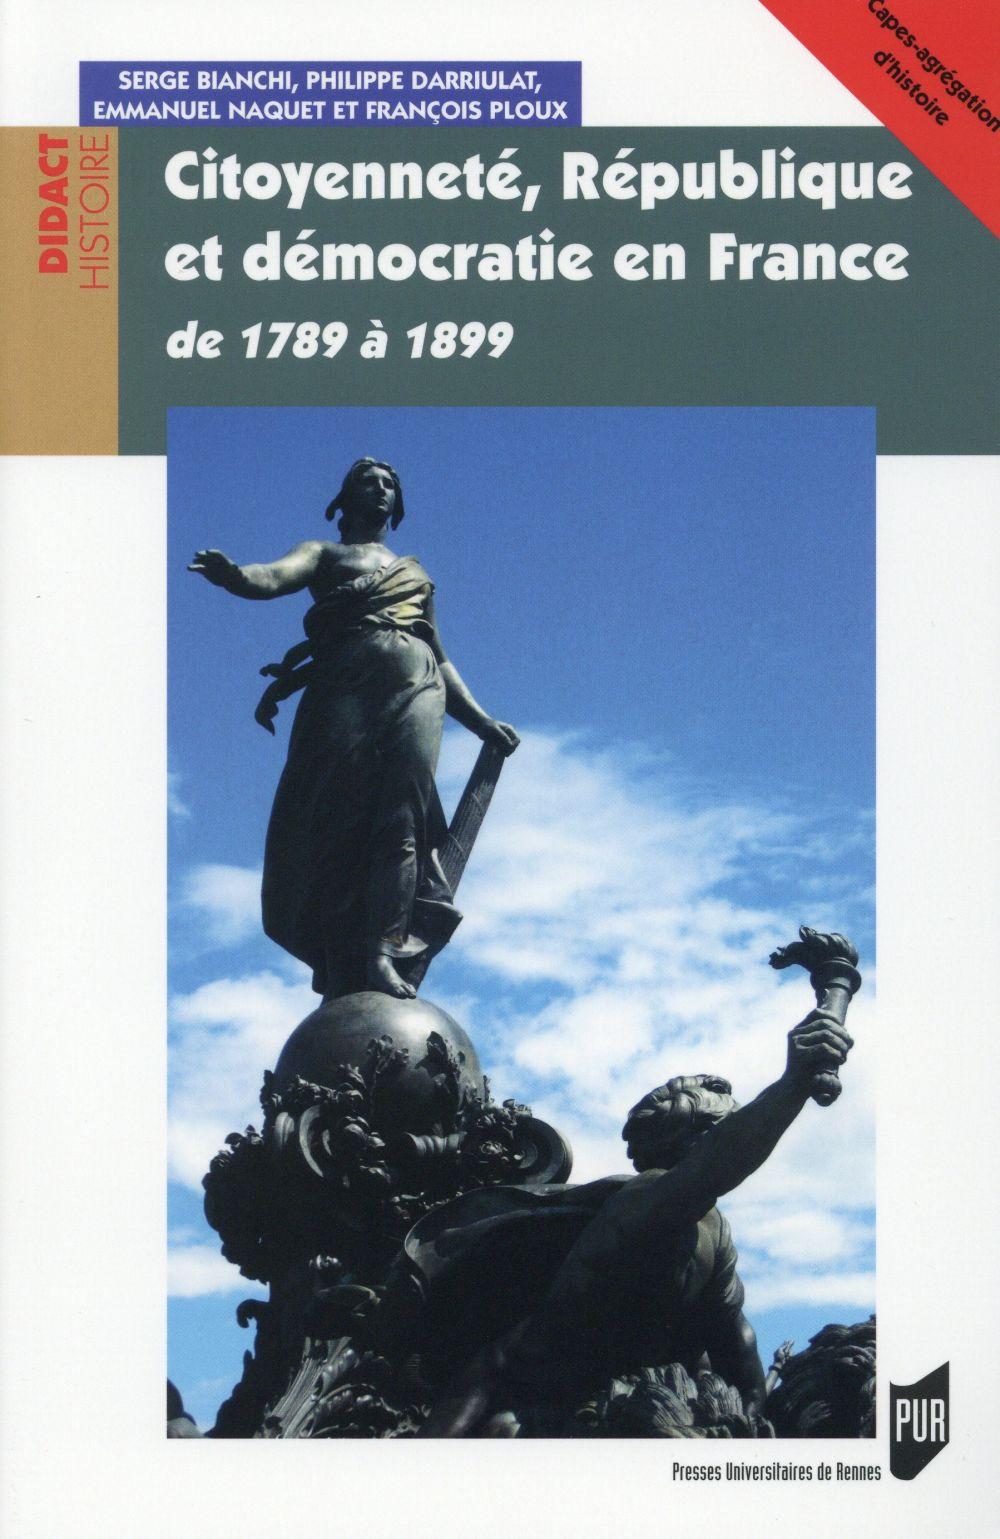 Citoyenneté, République et démocratie en France ; de 1789 à 1899